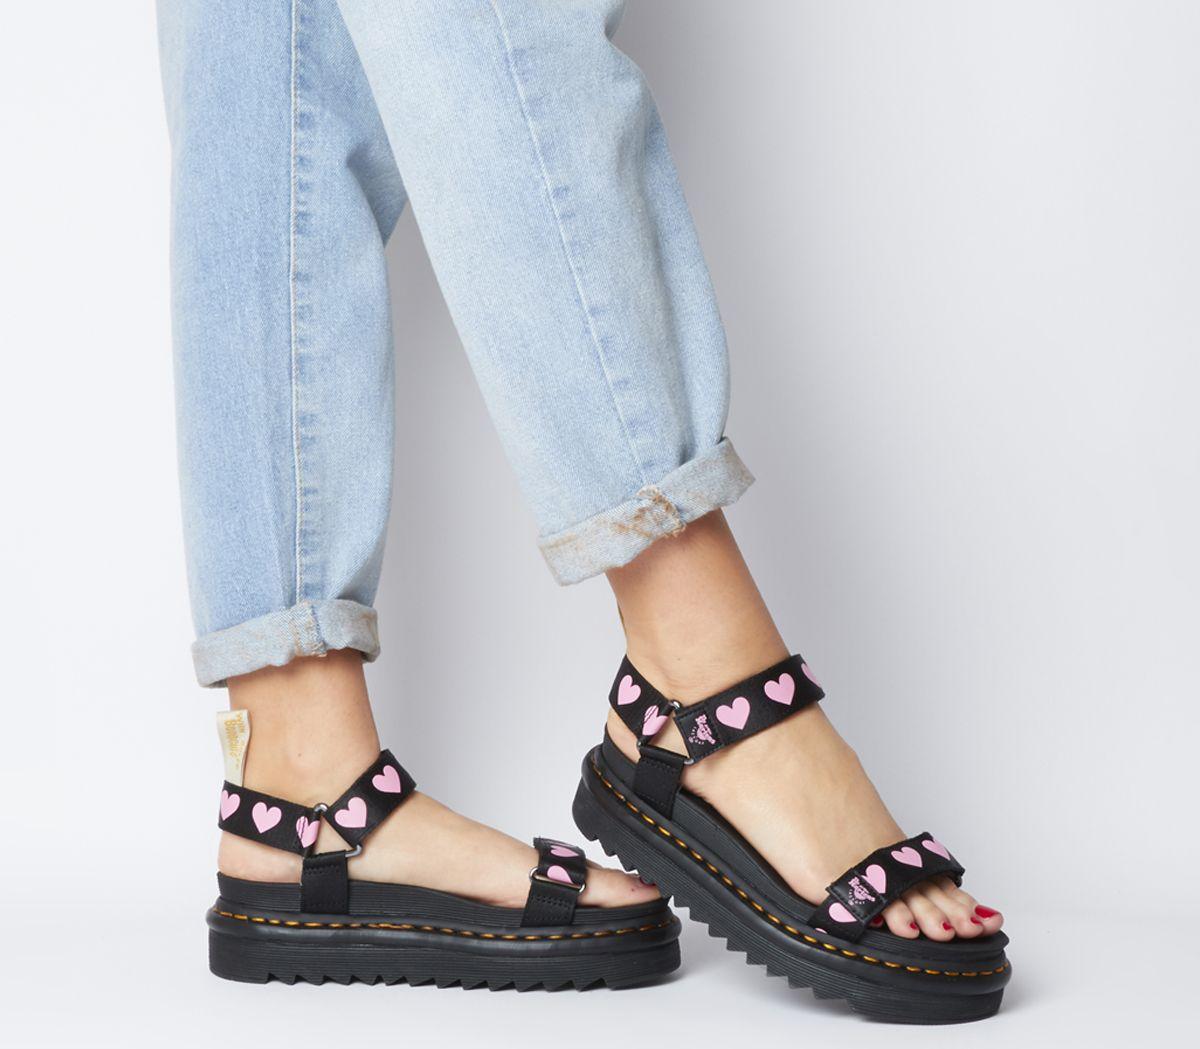 Vegan Lazy Oaf Sandals by Dr. Martens